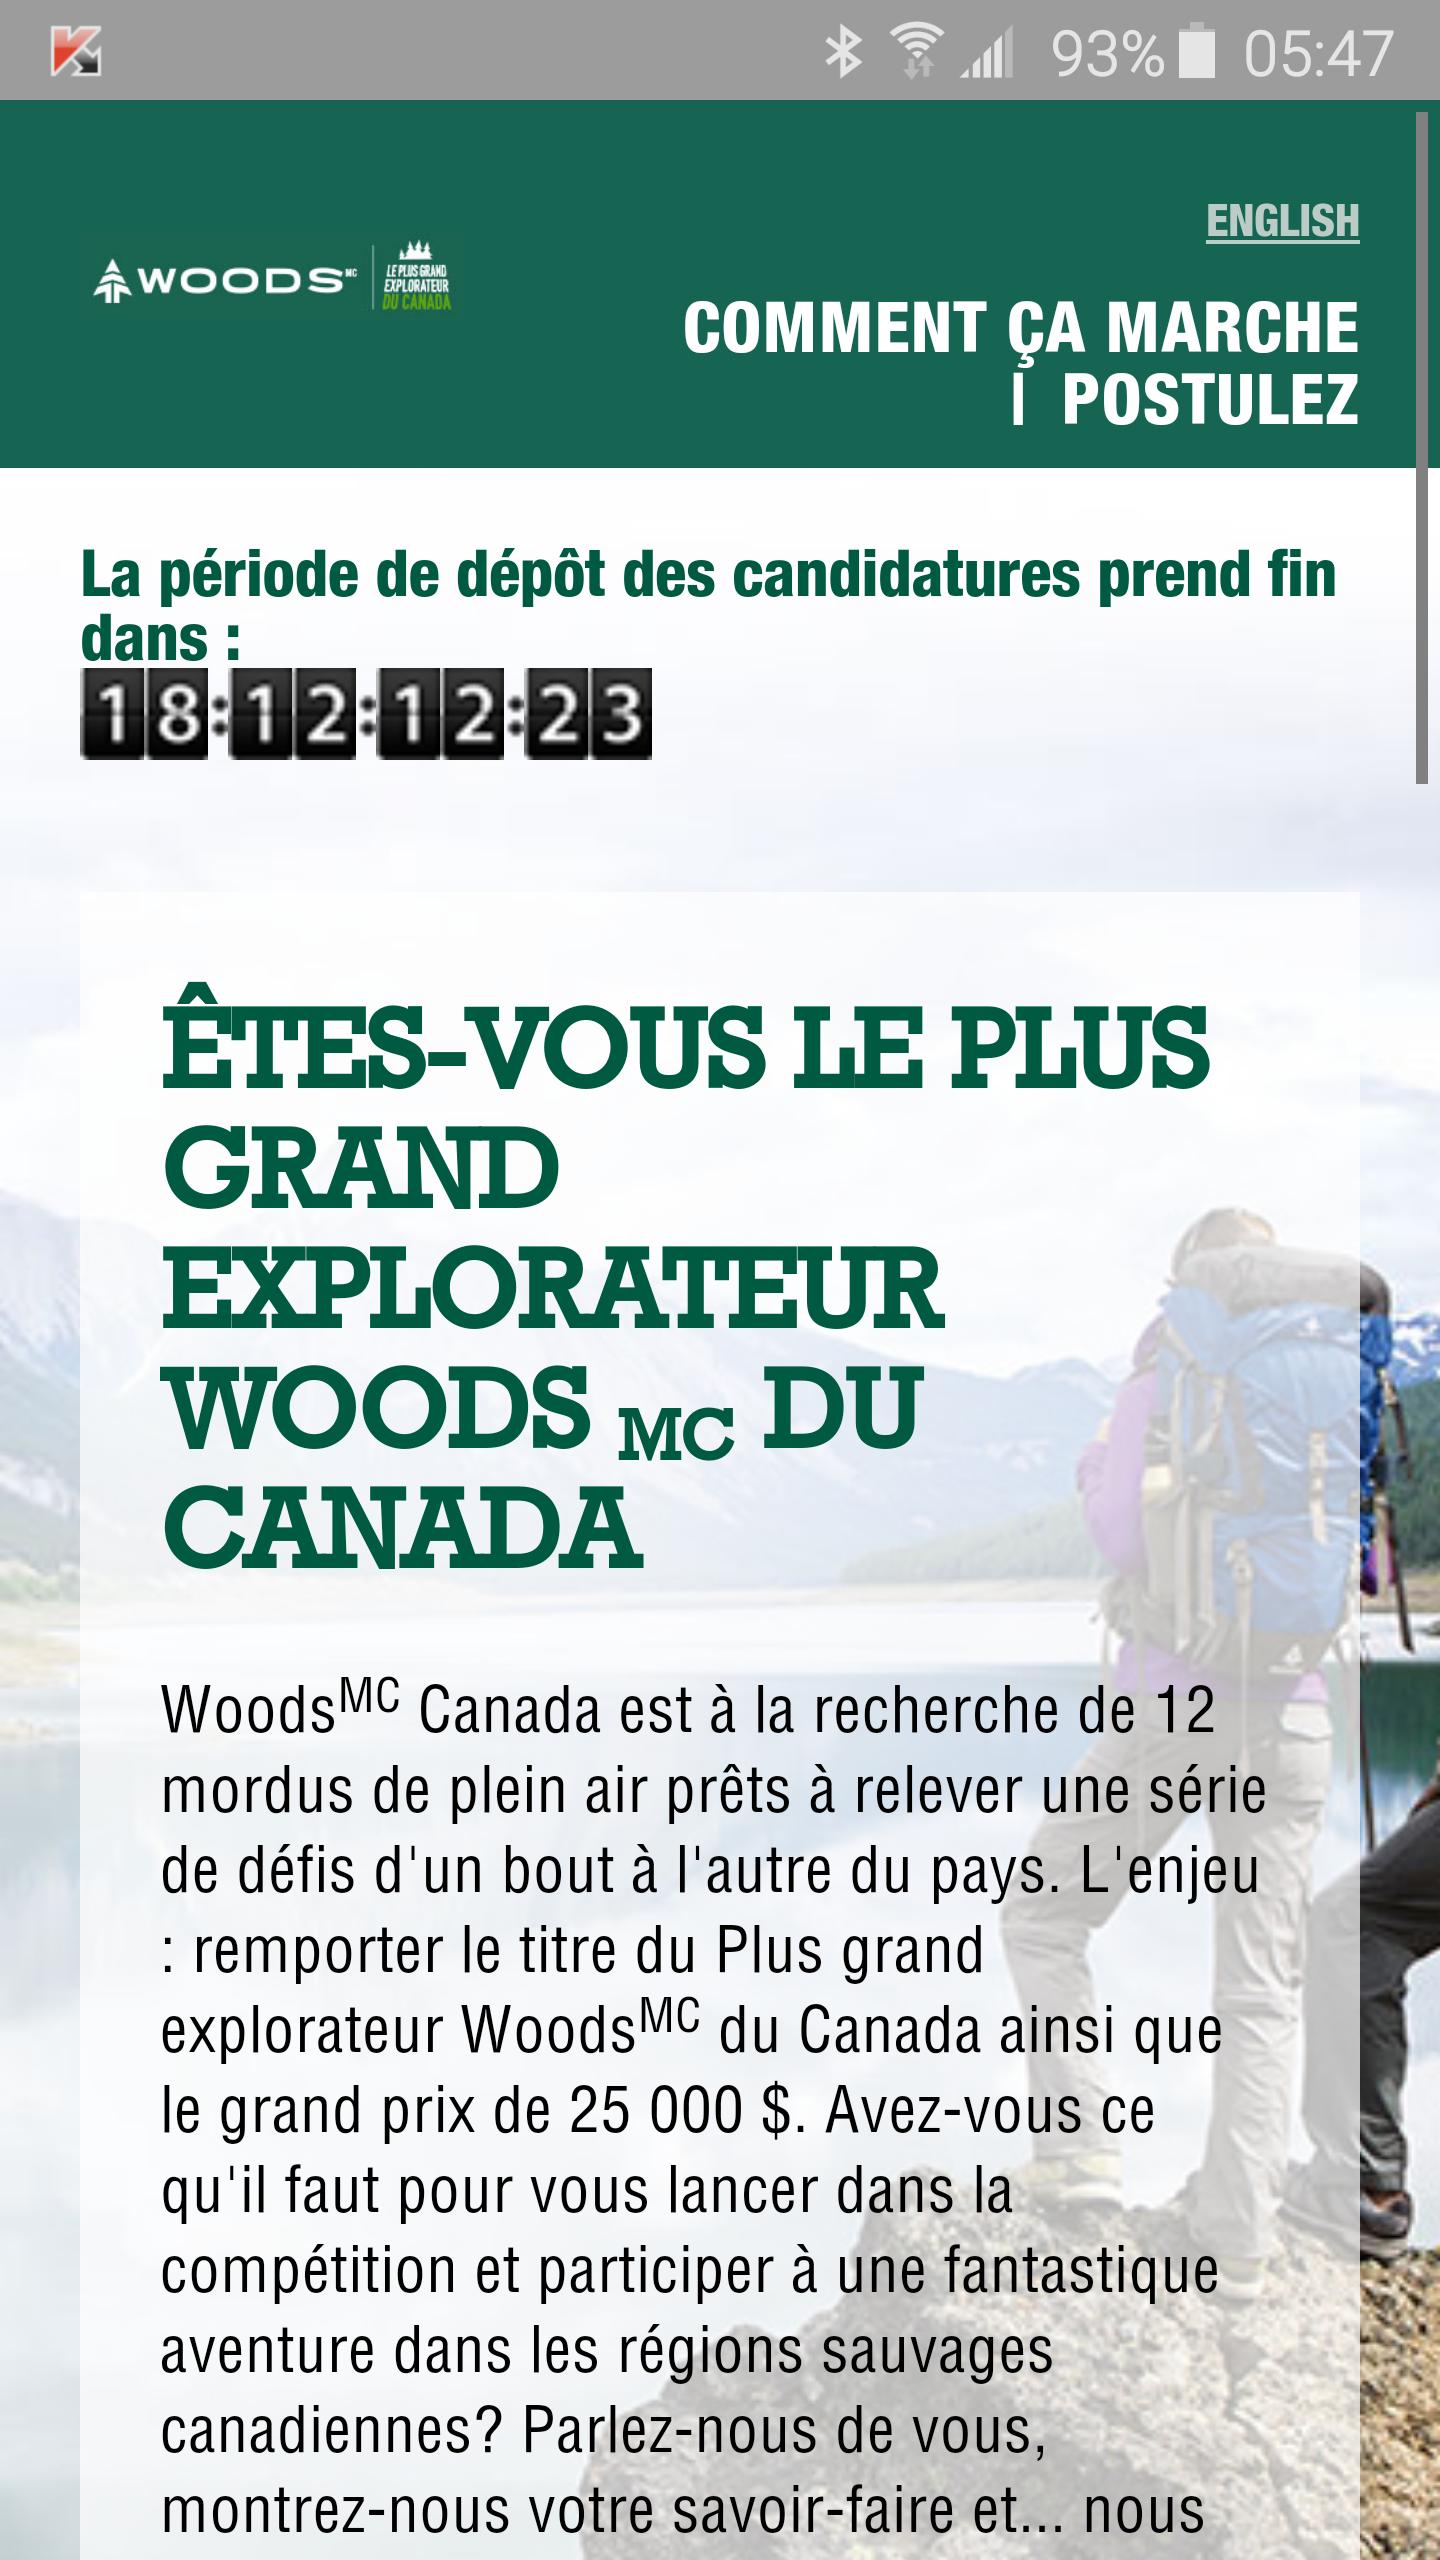 Woods contest : êtes-vous le plus grand explorateur Woods du Canada?